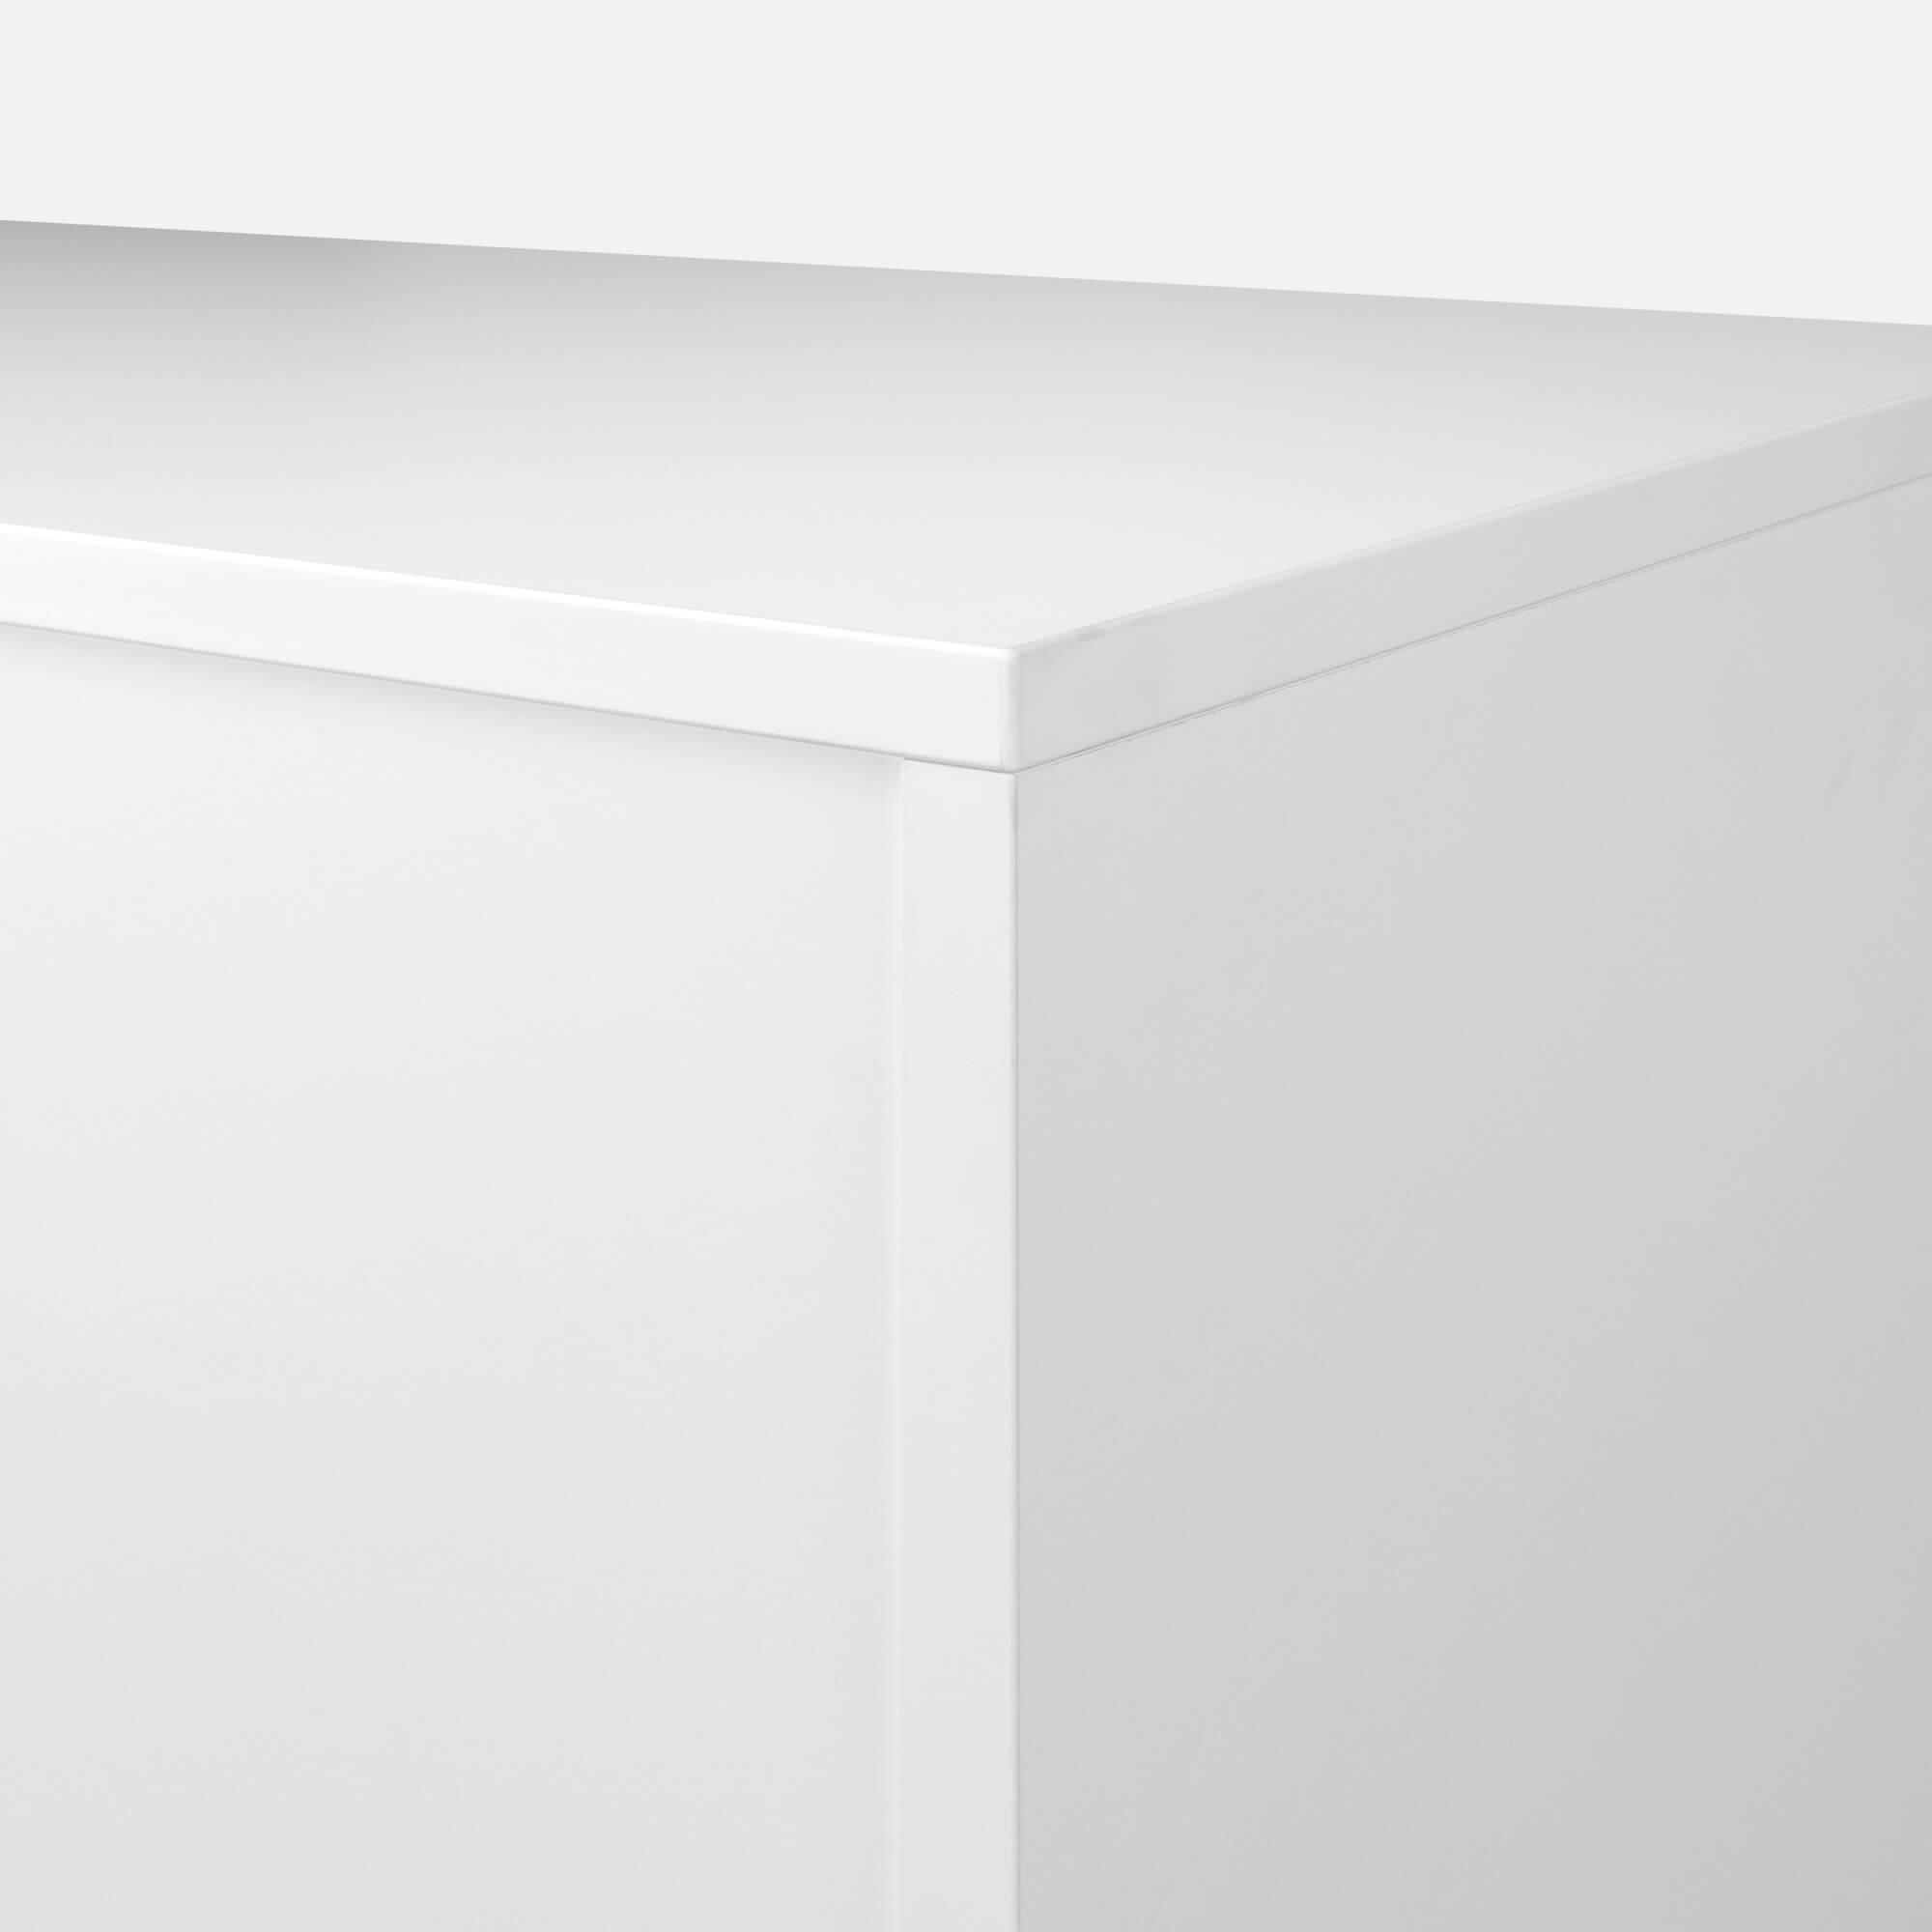 PROFI Schrankwand abschließbar Schrank Büroschrank Flügeltürenschrank Regalschrank 5 OH in Weiß